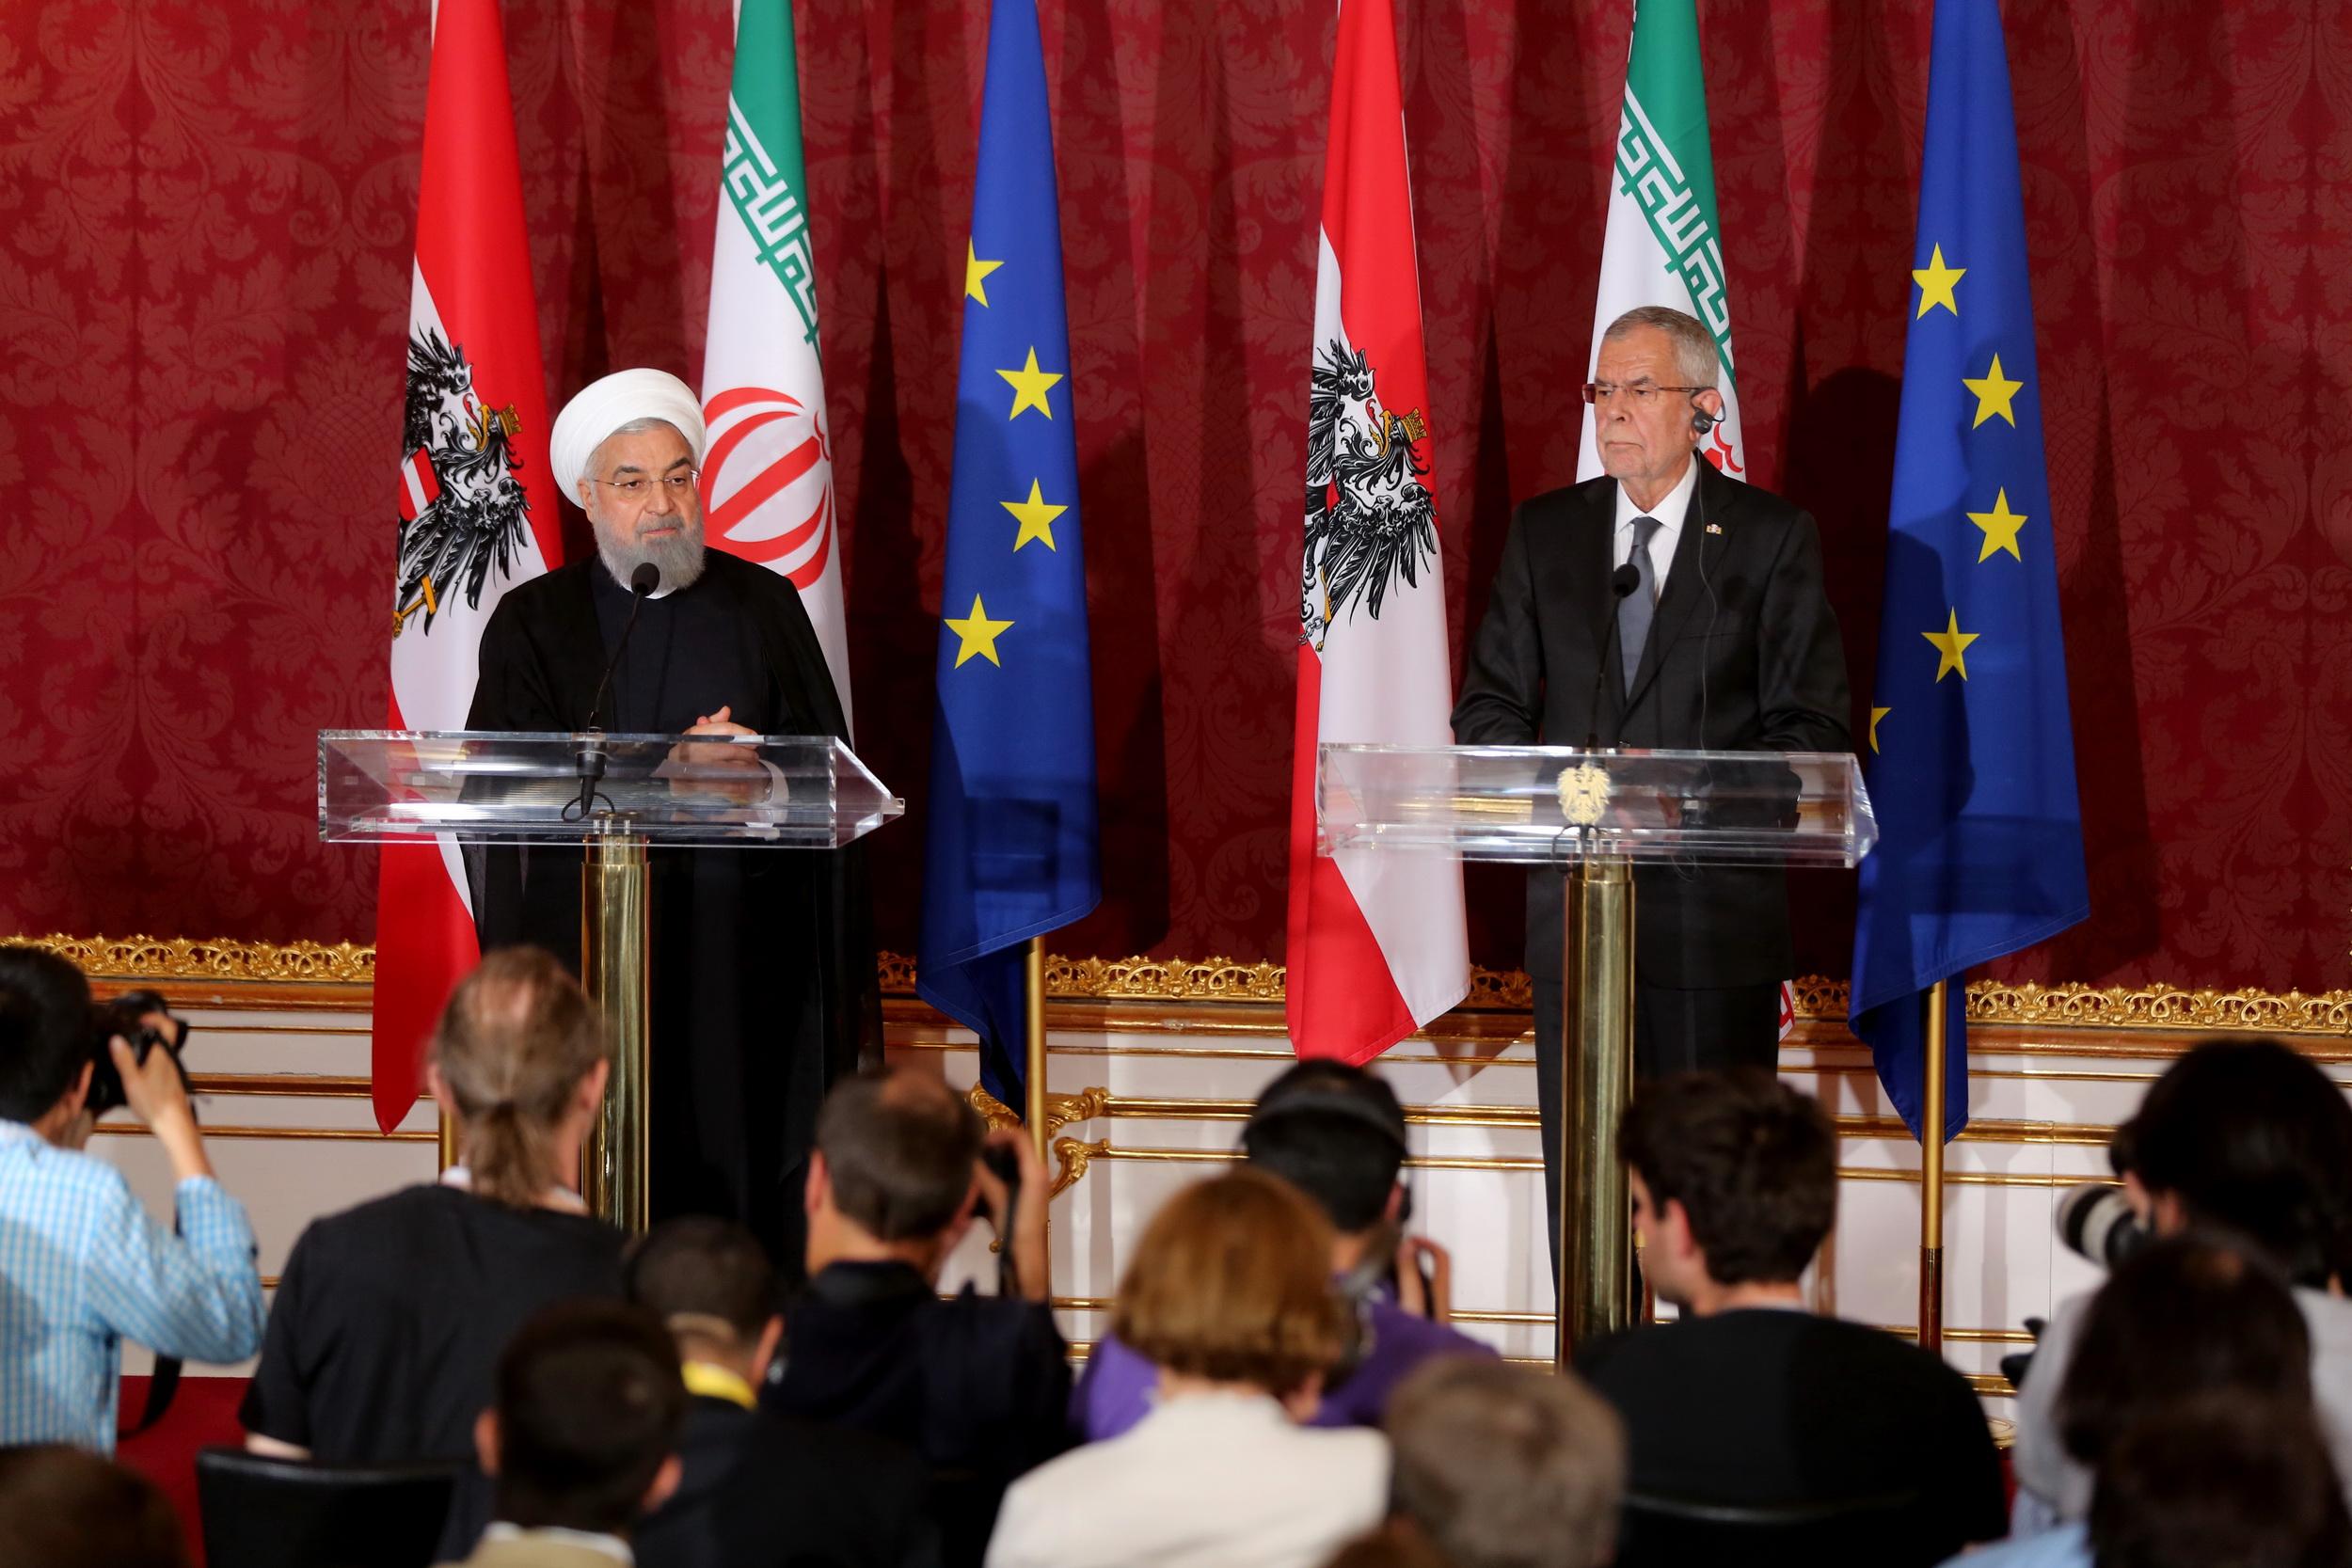 ایران برجام بدون آمریکا را در صورت تضمین منافعش ، ادامه خواهد داد/ دوران یکجانبهگرایی به سر آمده ؛یک کشور نمیتواند درباره جهان و ملتهای دیگر تصمیم بگیرد